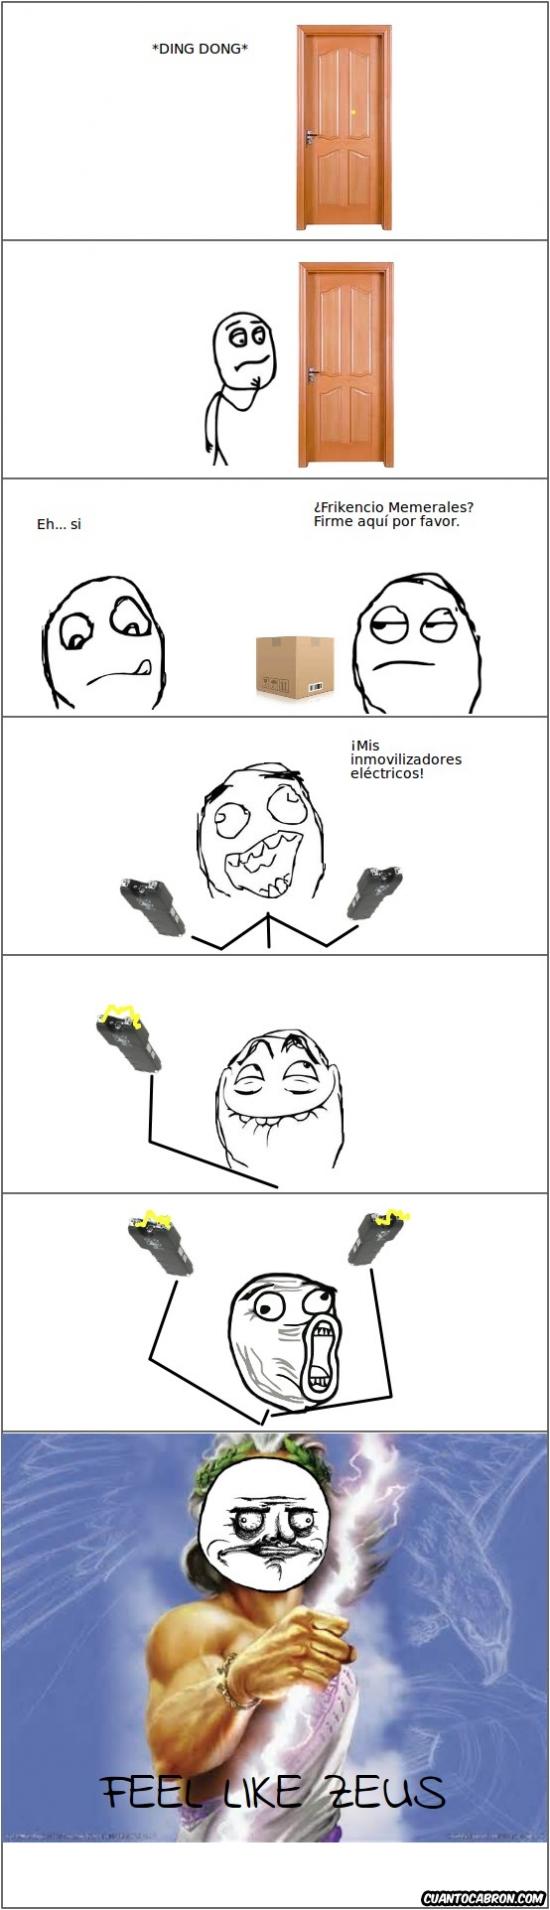 Me_gusta - Jugando con rayos